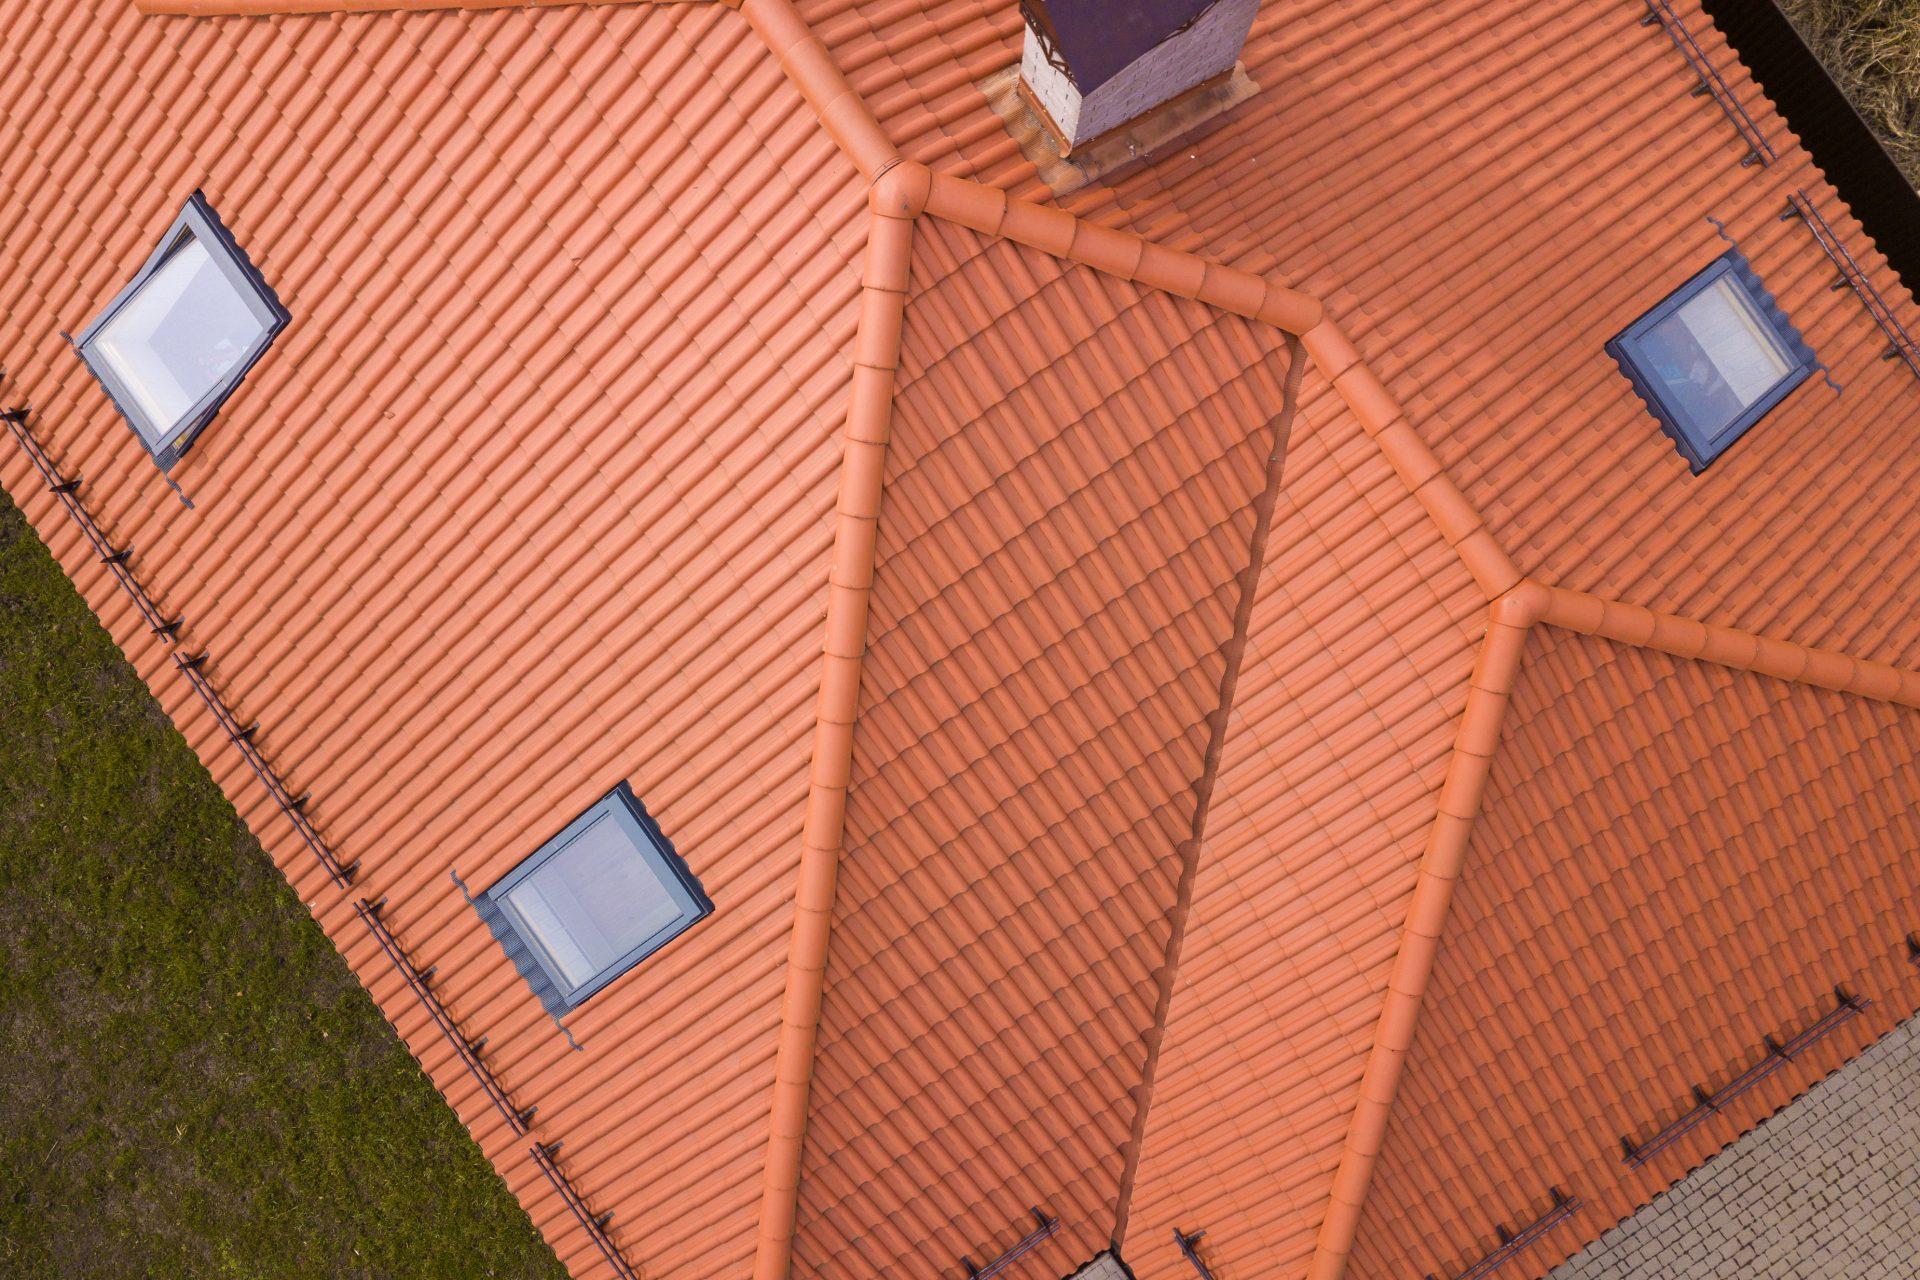 Pod akou strechou je najviac miesta?